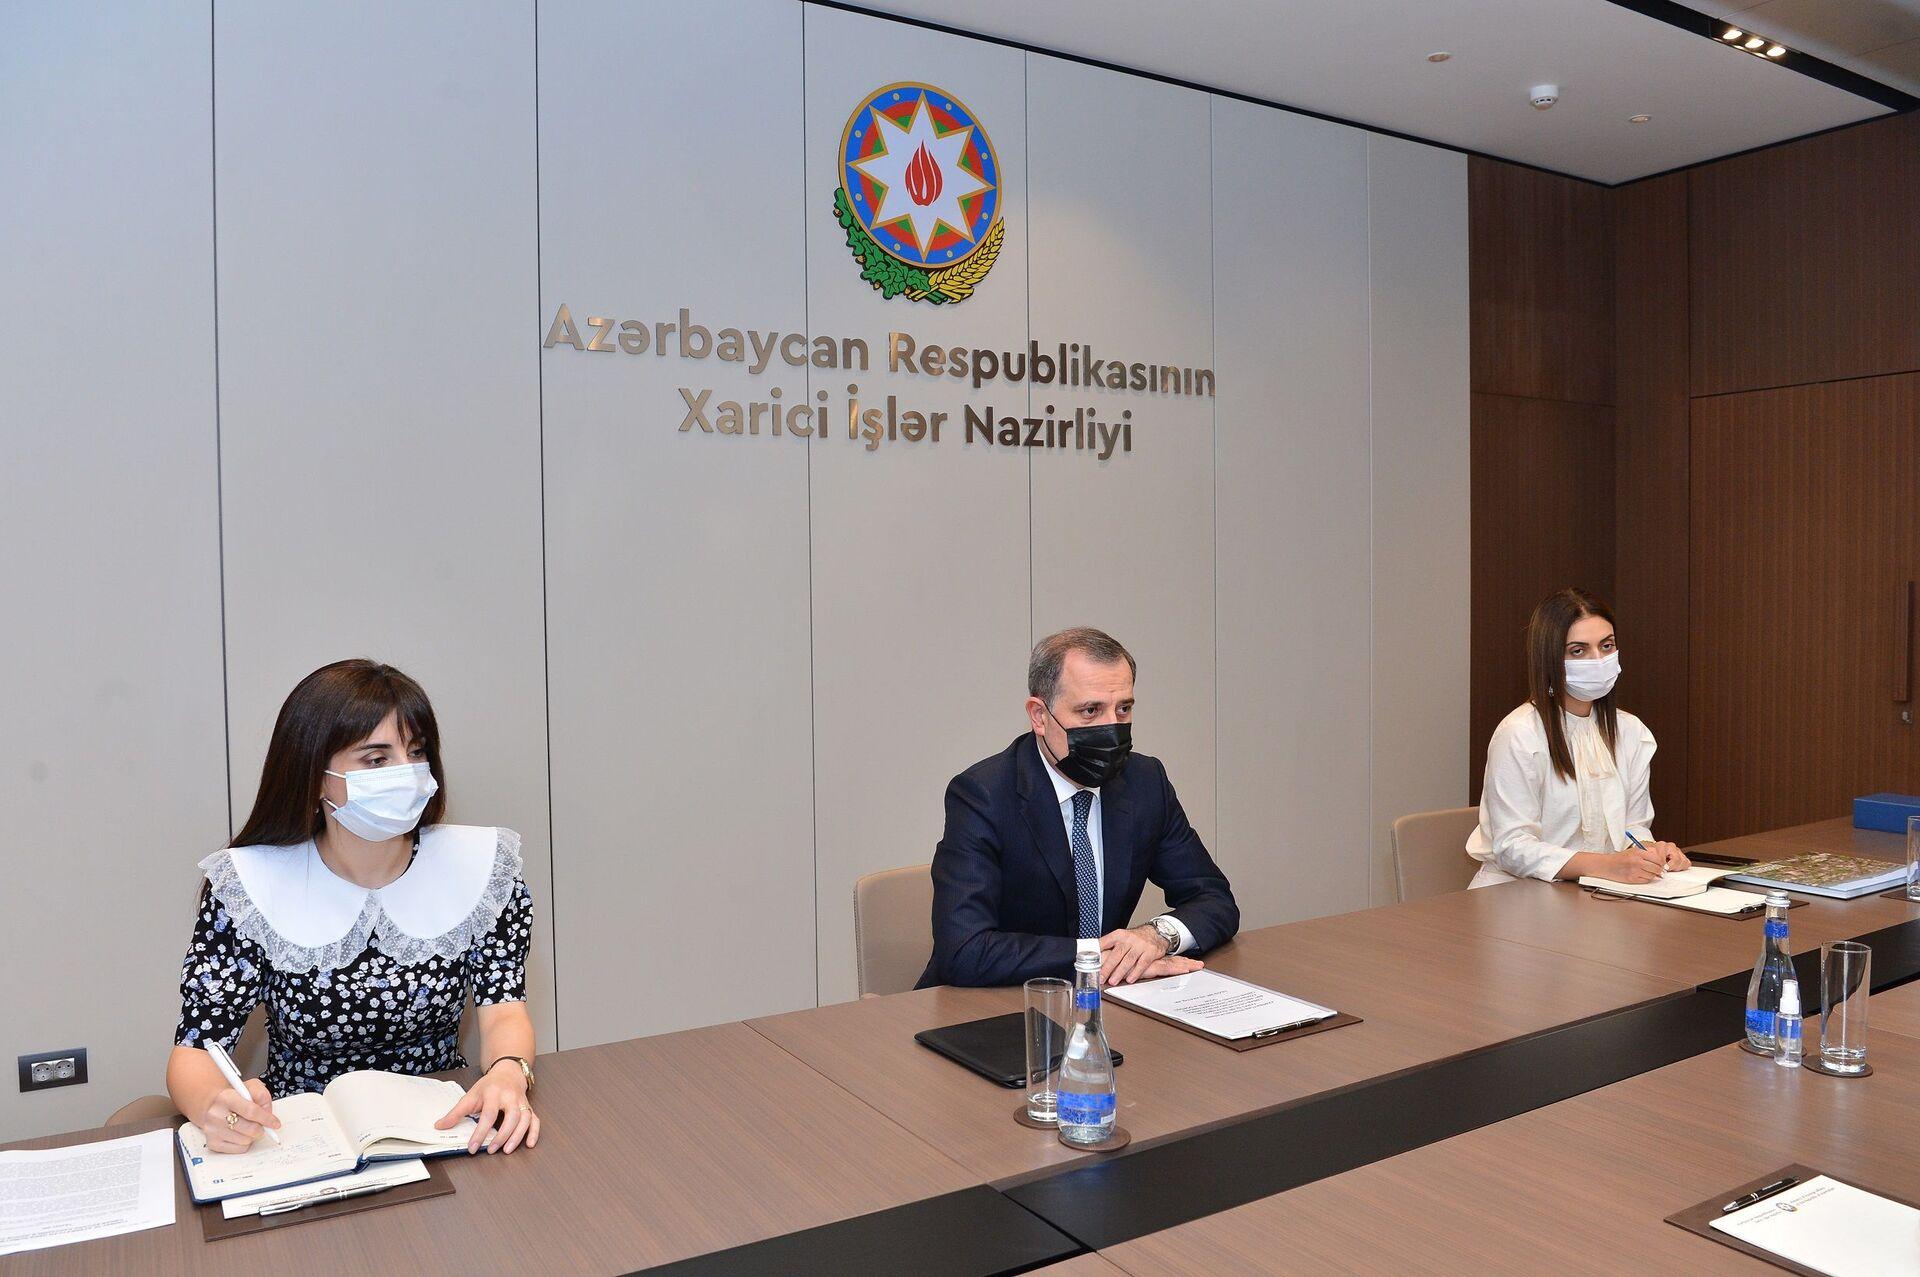 Джейхун Байрамов попрощался с главой представительства ЮНИСЕФ в Азербайджане - Sputnik Азербайджан, 1920, 28.07.2021